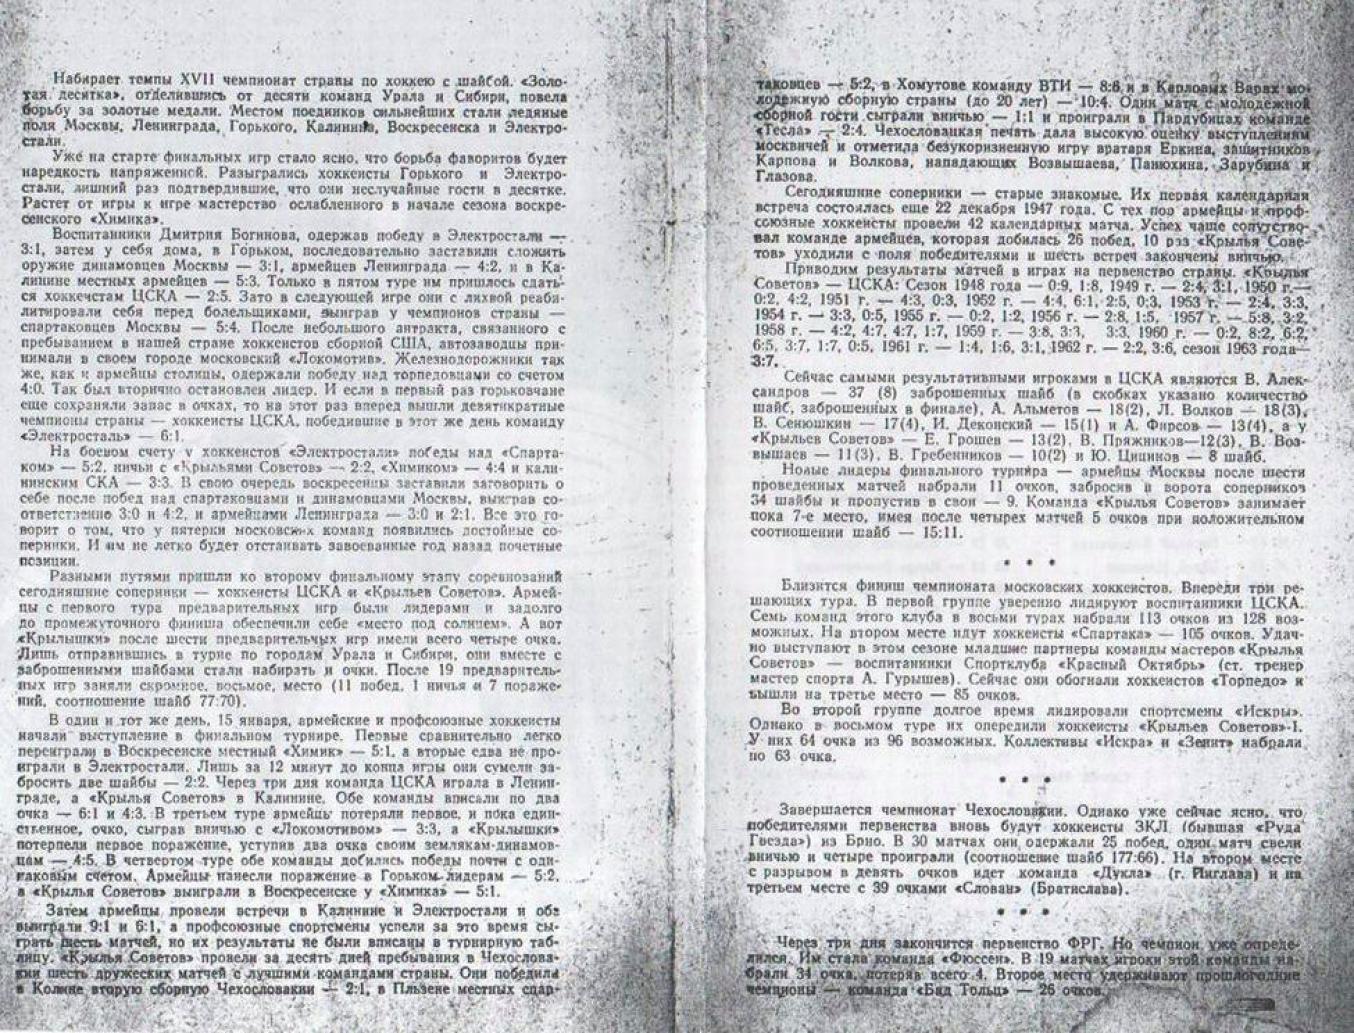 1963.02.13. ЦСКА - Крылья Советов (Чм. СССР)_02.png